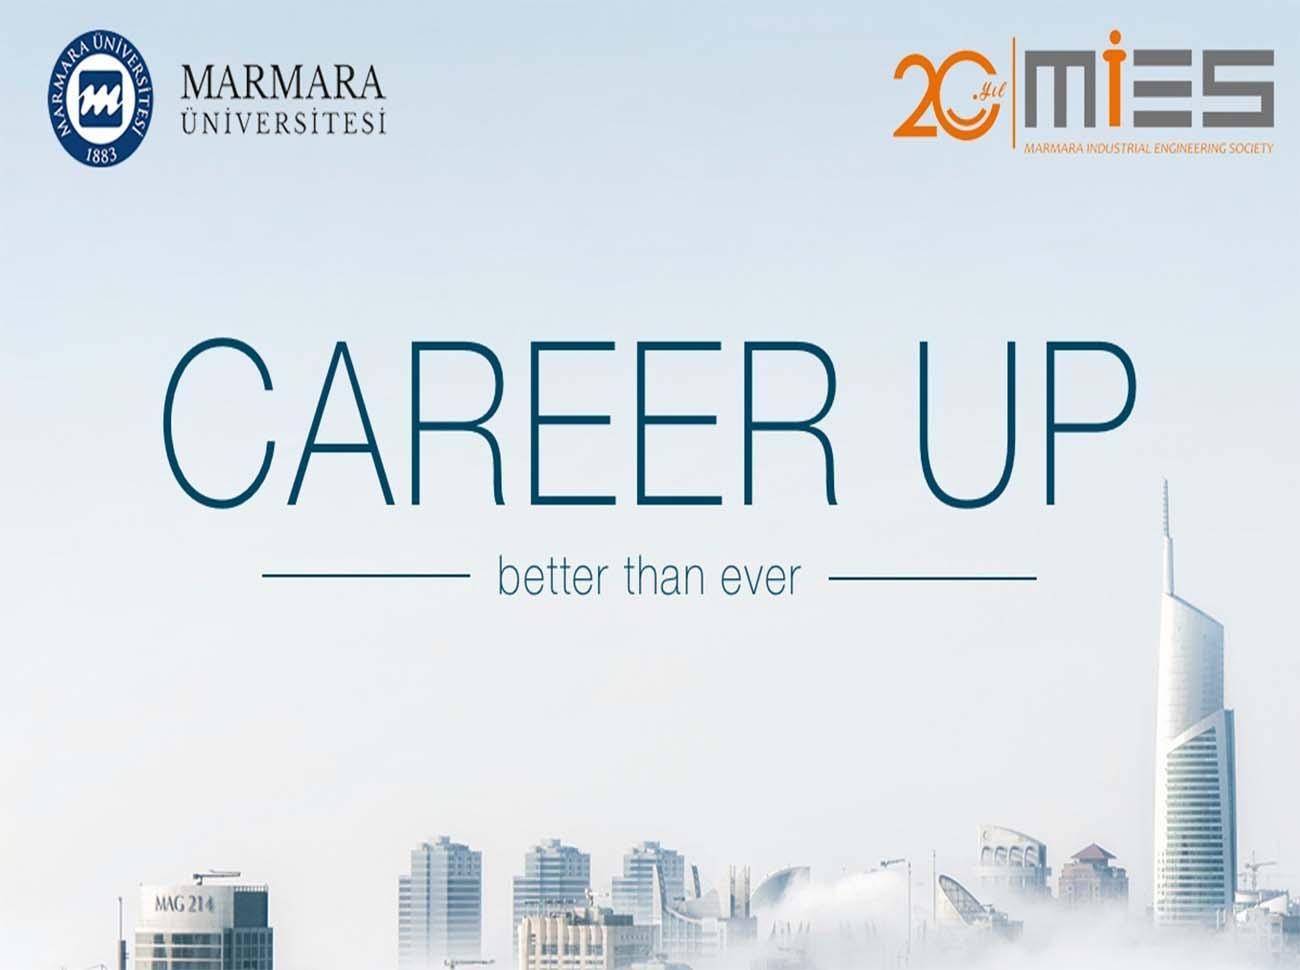 CareerUp Etkinliği 16 Ekim'de Gerçekleştirilecek